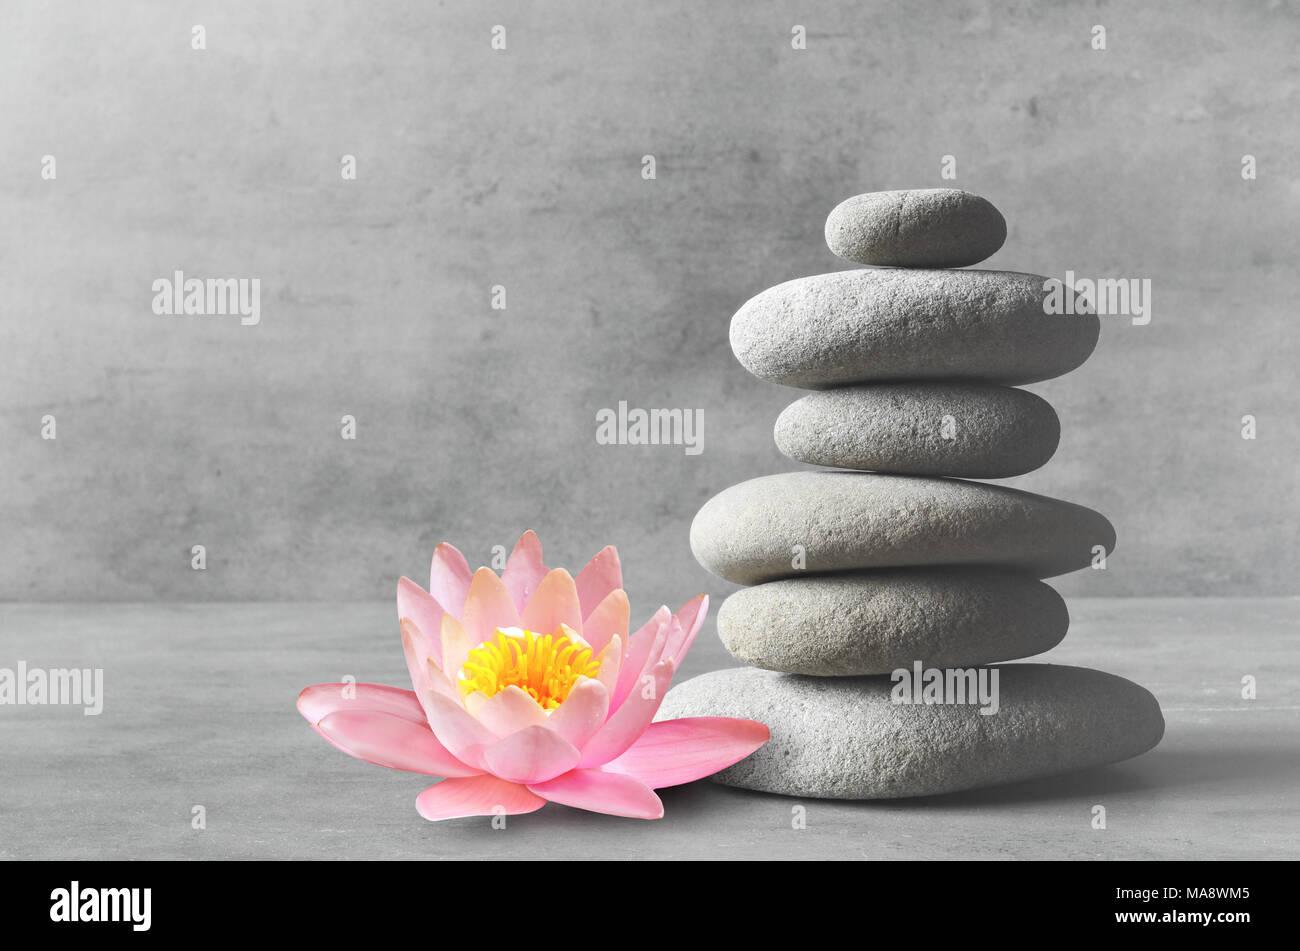 Steine und pink flower Lotus Balance. Zen und Spa-Konzept. Stockbild